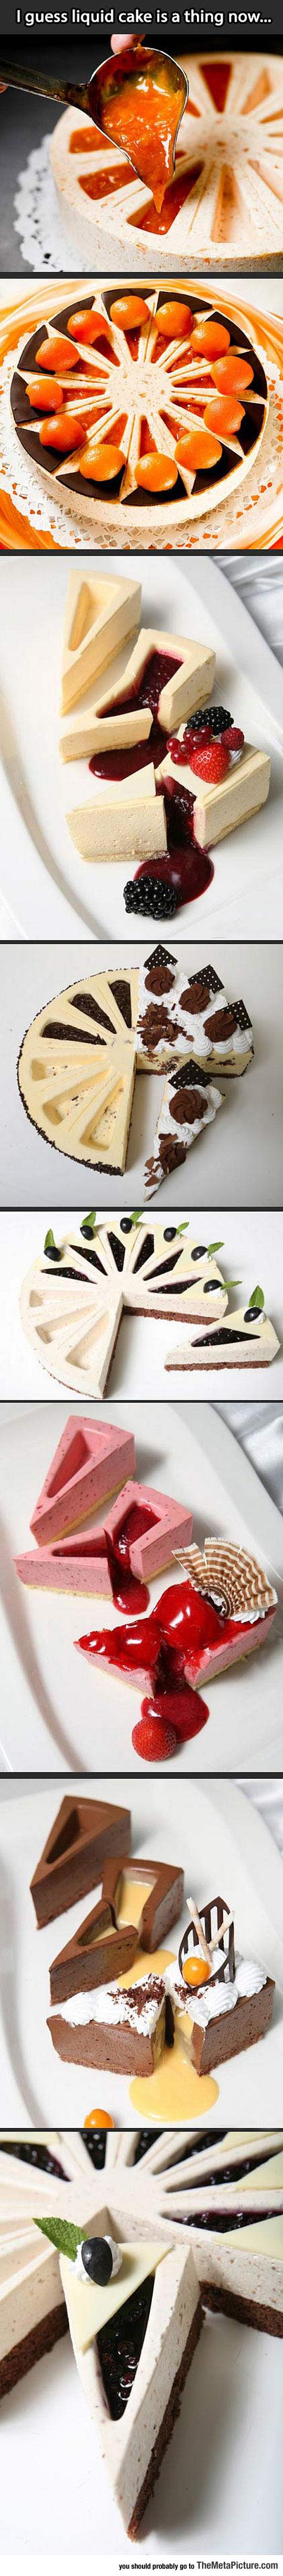 Liquid Cakes